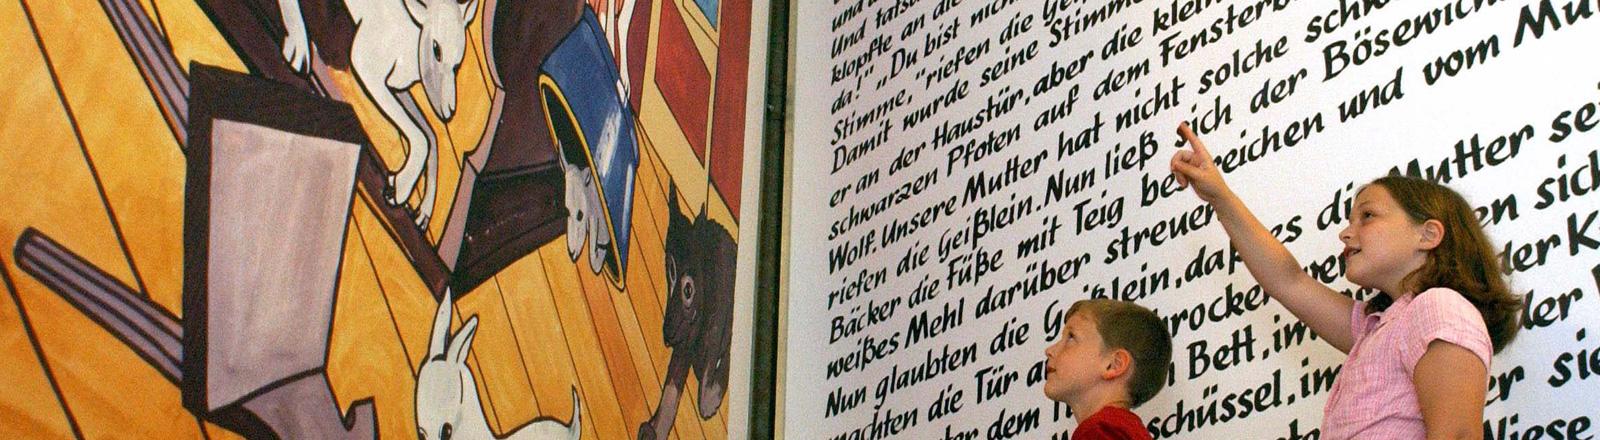 """Vor einem riesigen, aufgeschlagenen Märchenbuch (drei mal vier Meter) stehen ein Junge und ein Mädchen. Links ist eine Szene aus """"Der Wolf und die 7 Geißlein"""" zu sehen, rechts Text; Bild: dpa"""